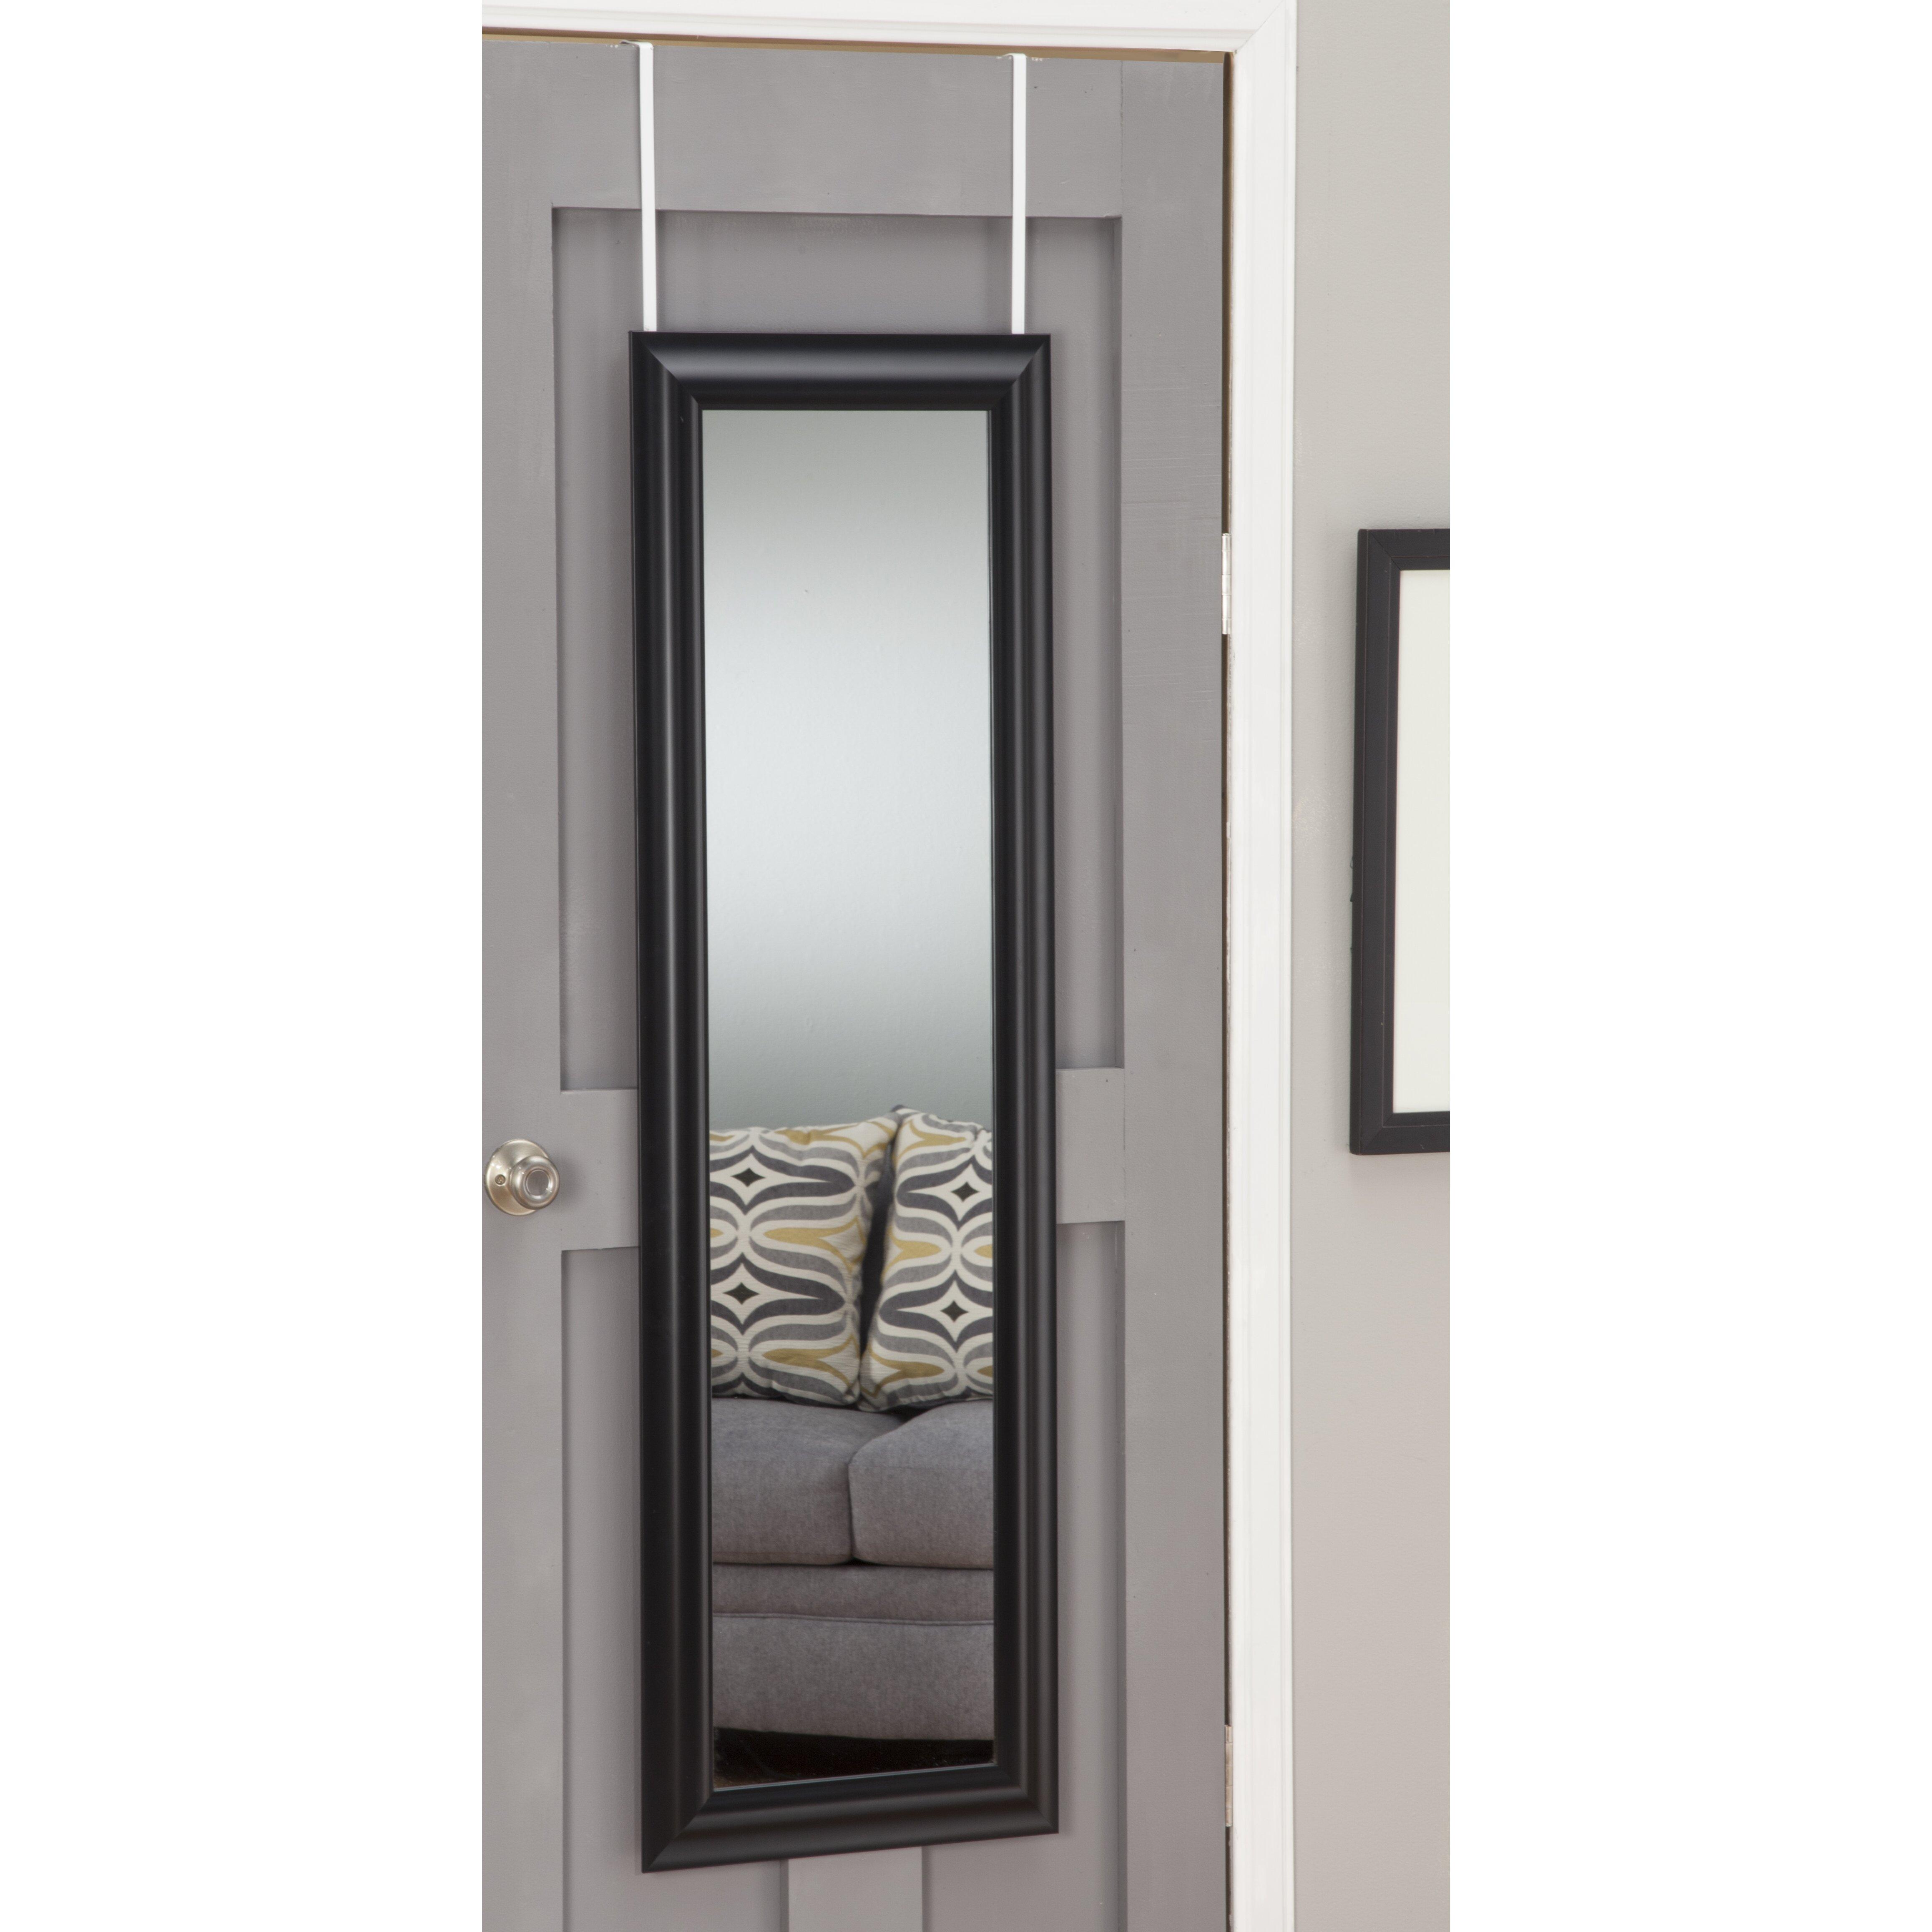 Sandberg Furniture Deluxe Over The Door Mirror Reviews